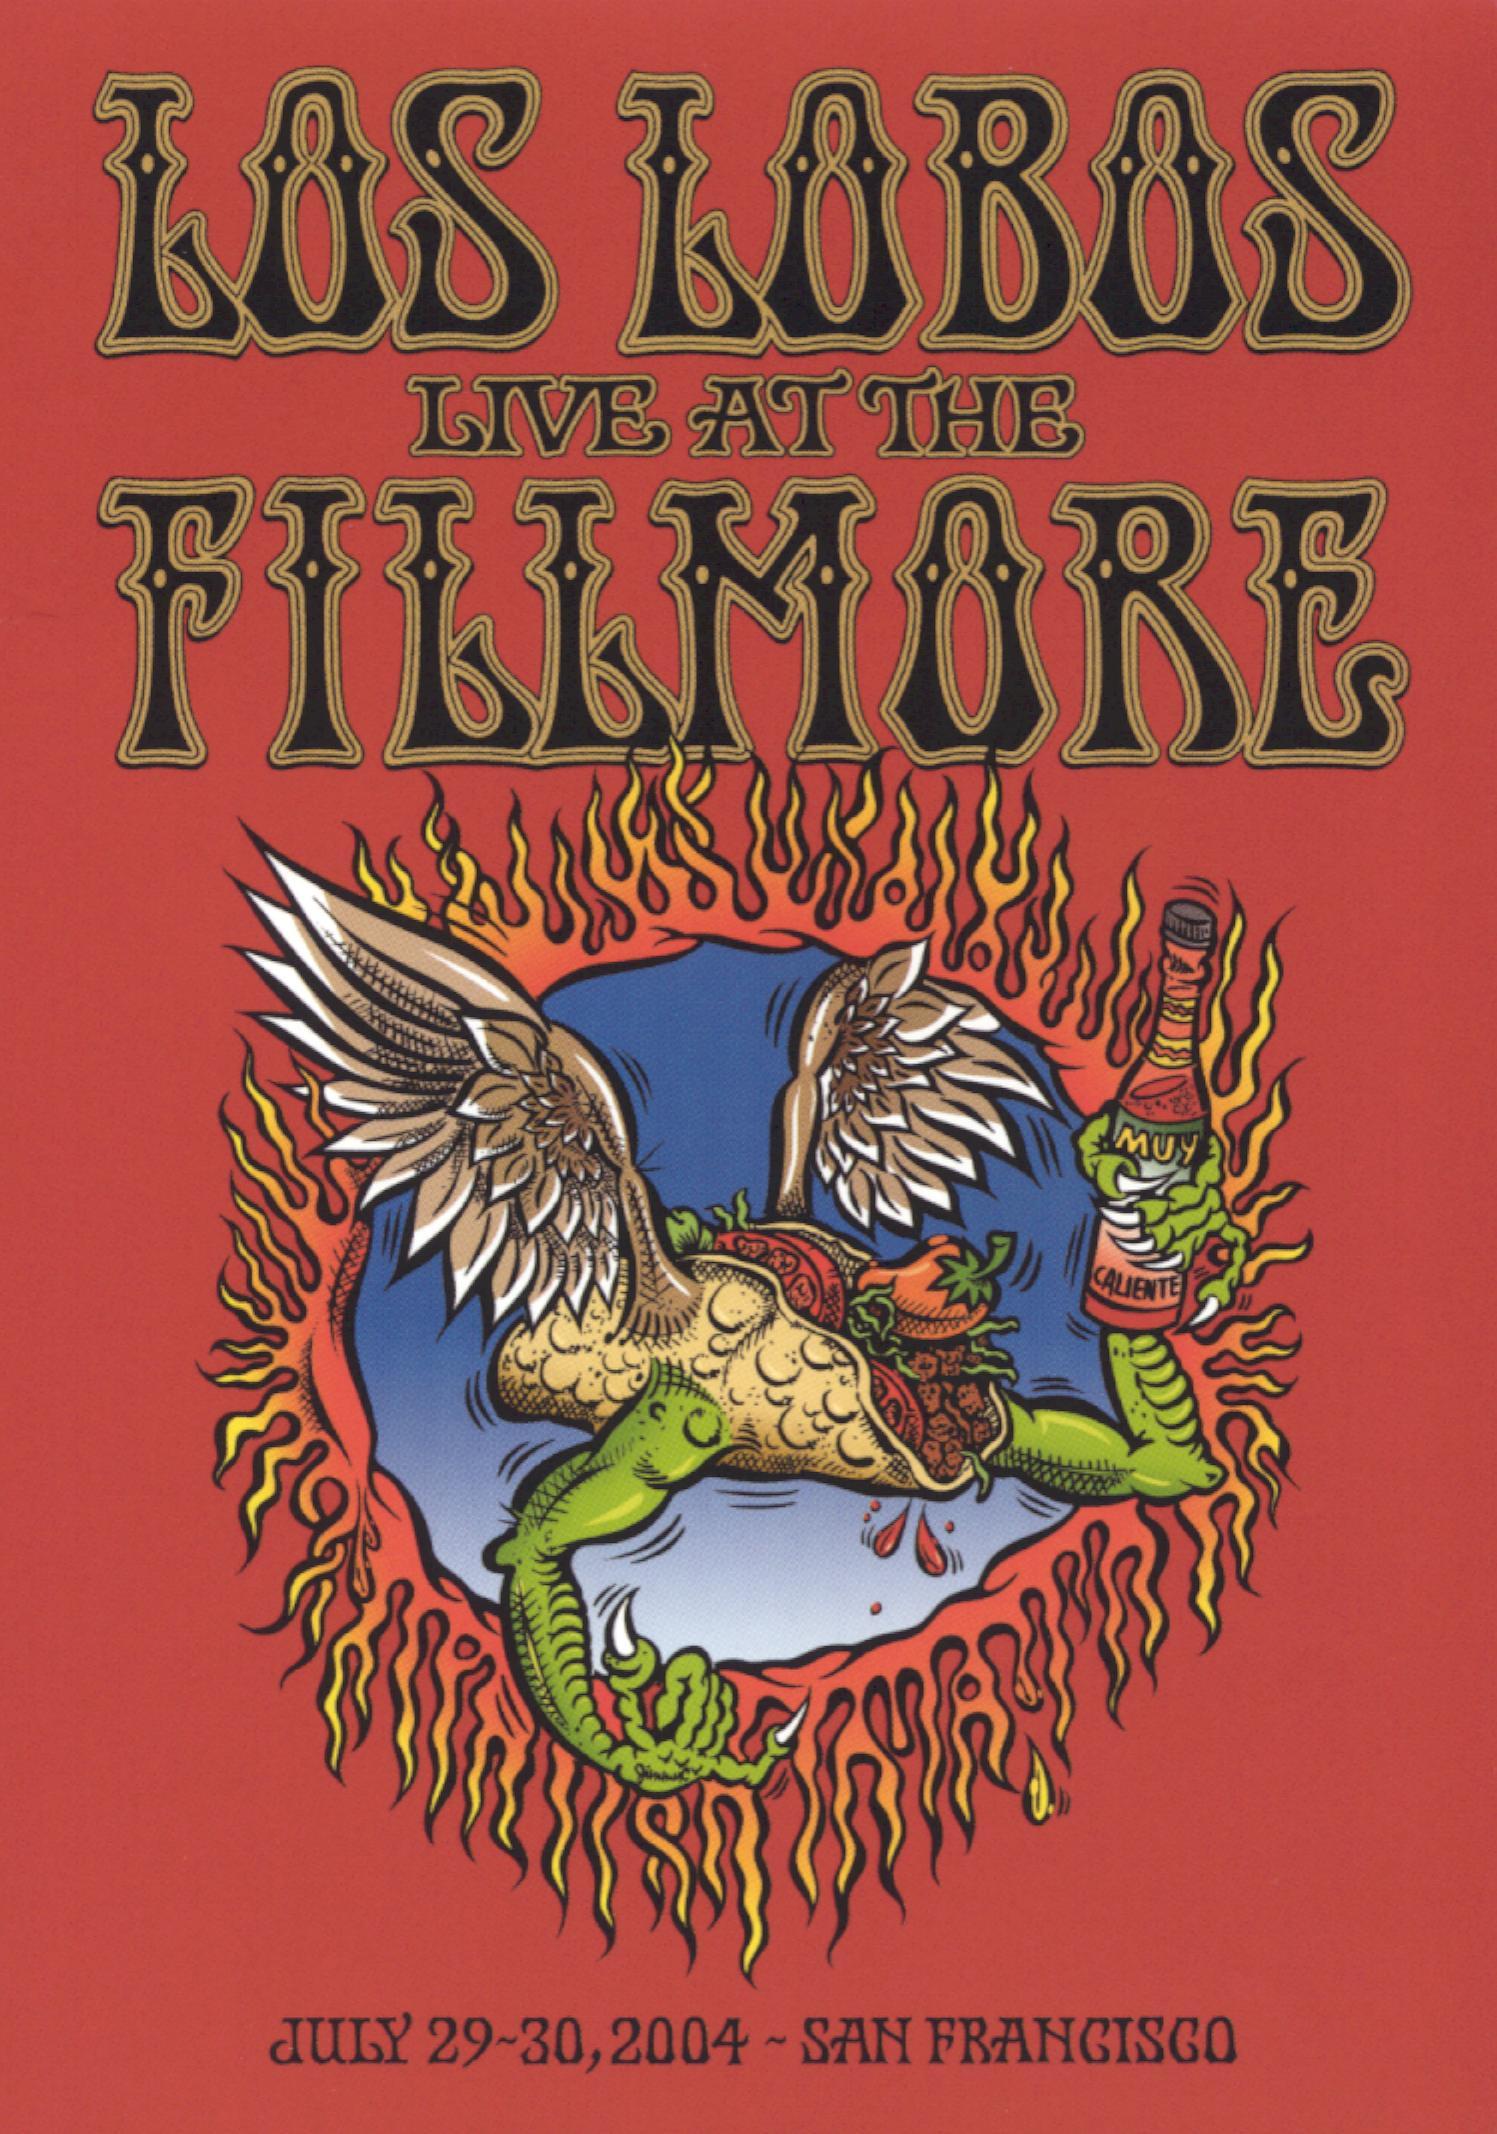 Los Lobos: Live at the Fillmore